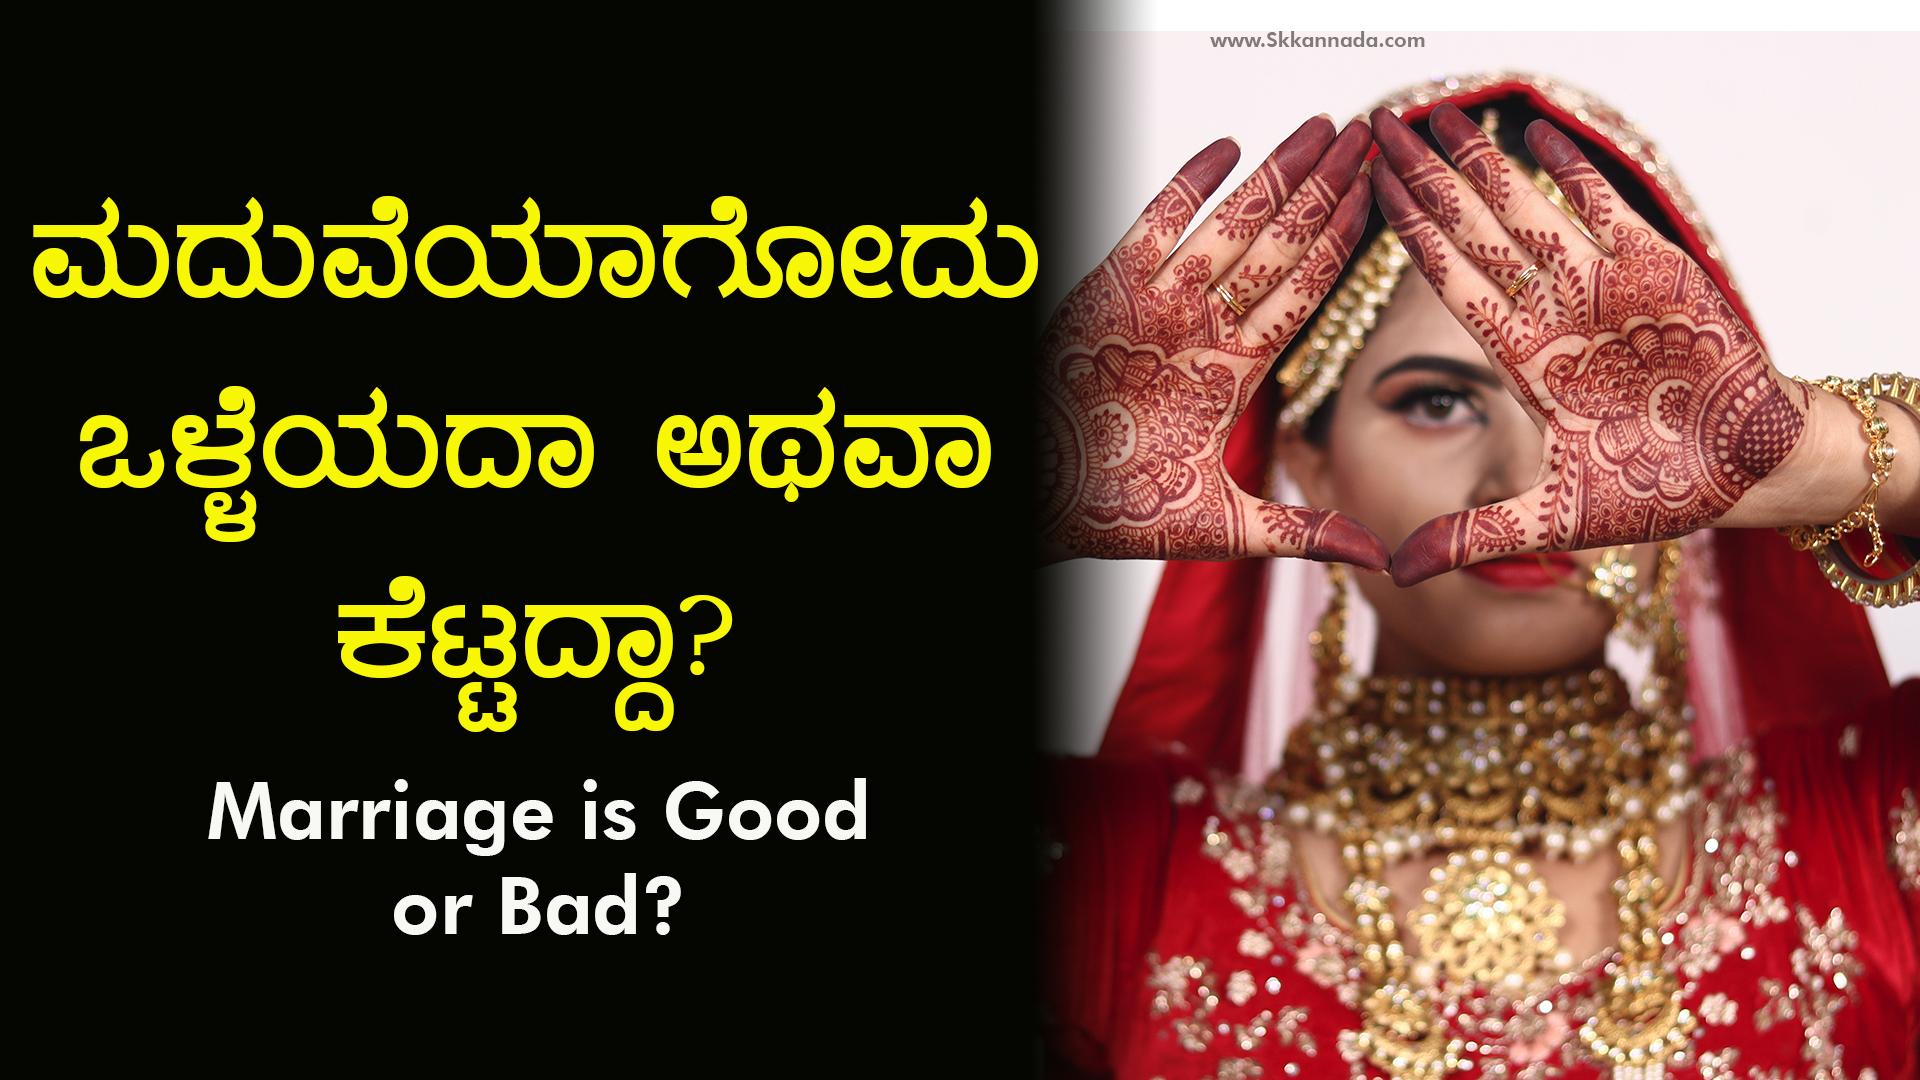 ಮದುವೆಯಾಗೋದು ಒಳ್ಳೆಯದಾ ಅಥವಾ ಕೆಟ್ಟದ್ದಾ? Marriage is Good or Bad?